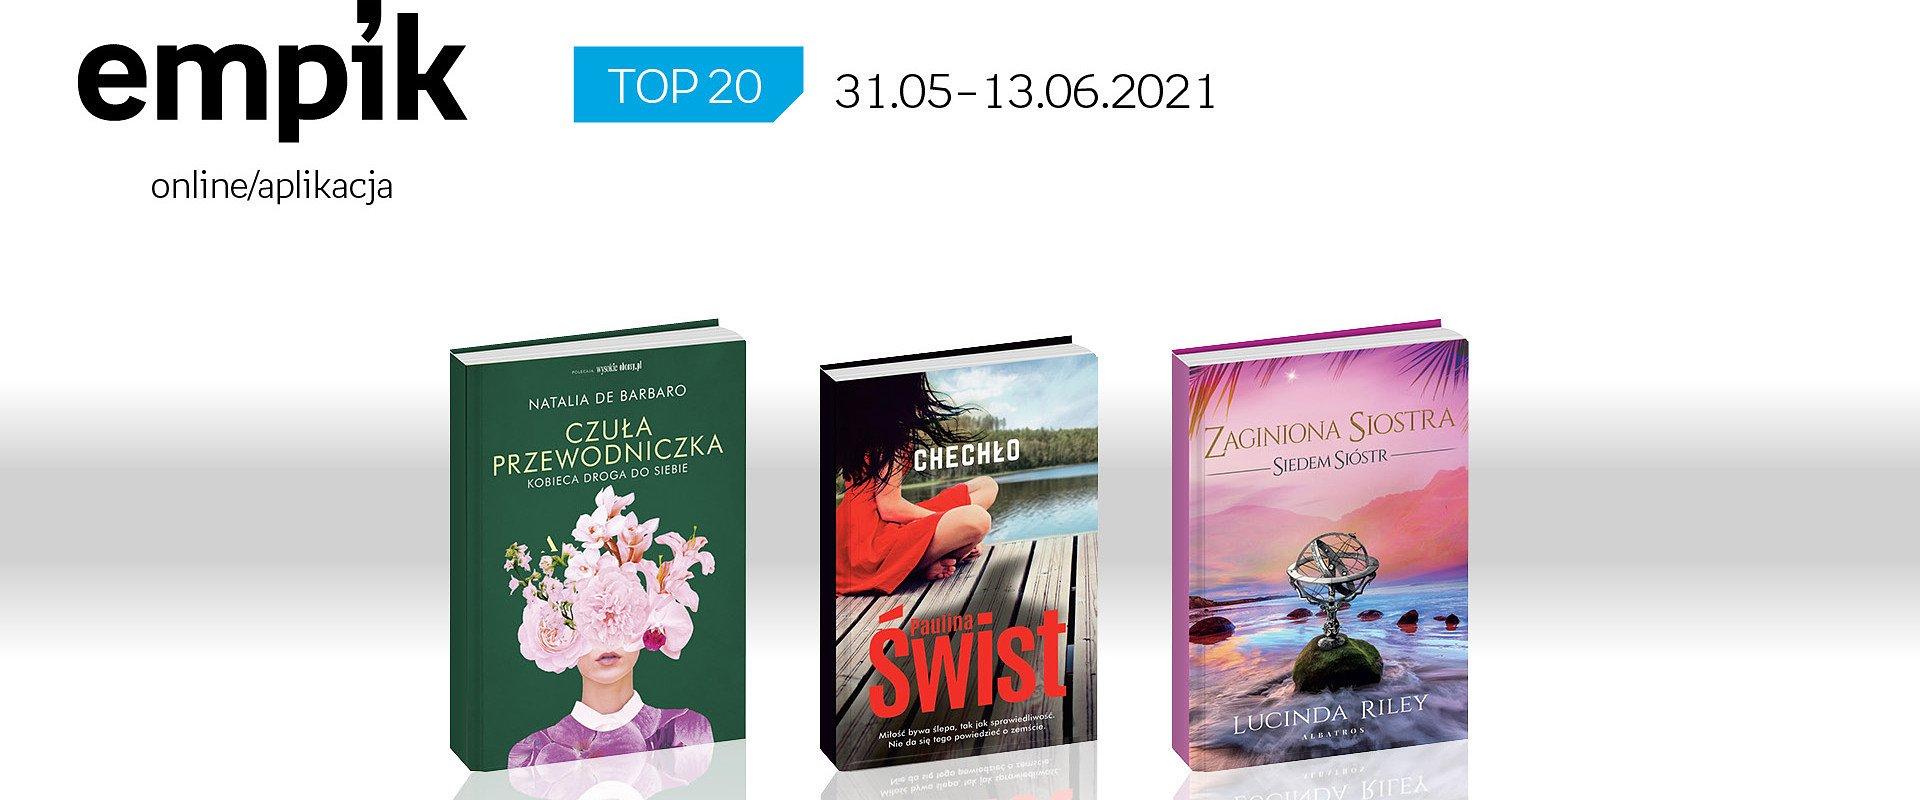 Książkowa lista TOP 20 na Empik.com za okres 31 maja – 13 czerwca